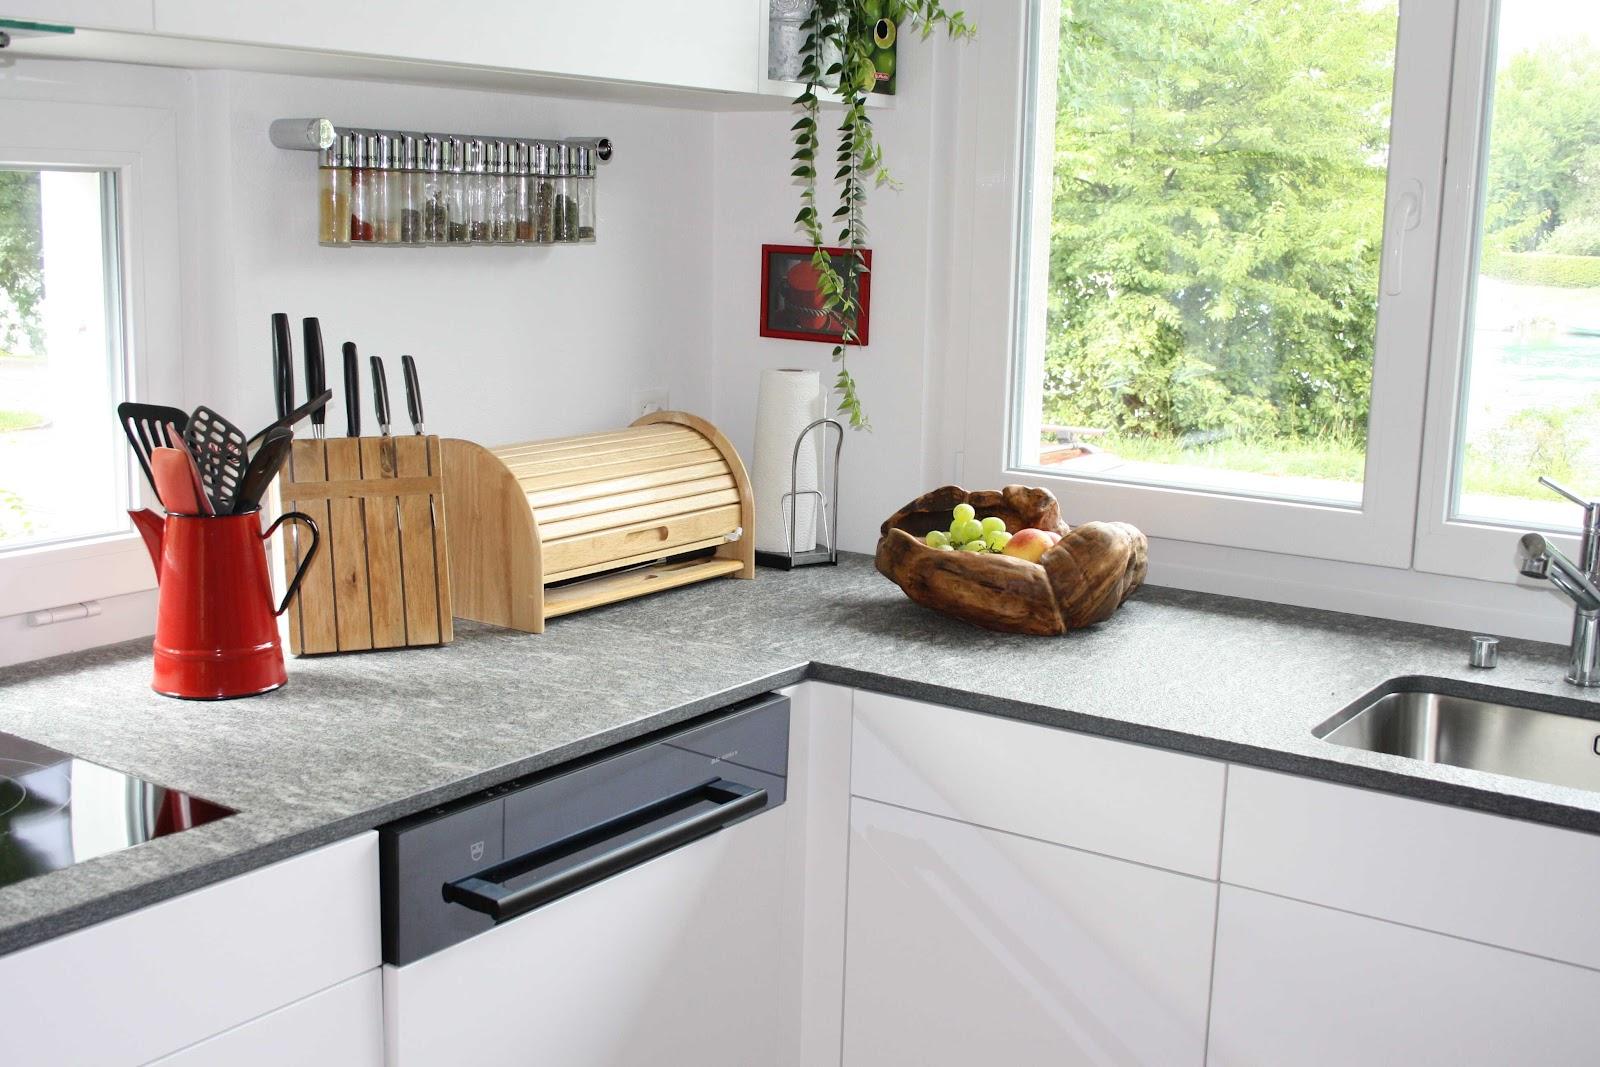 Dekoration Für Die Küche | Küchen Nrw Haus Dekoration